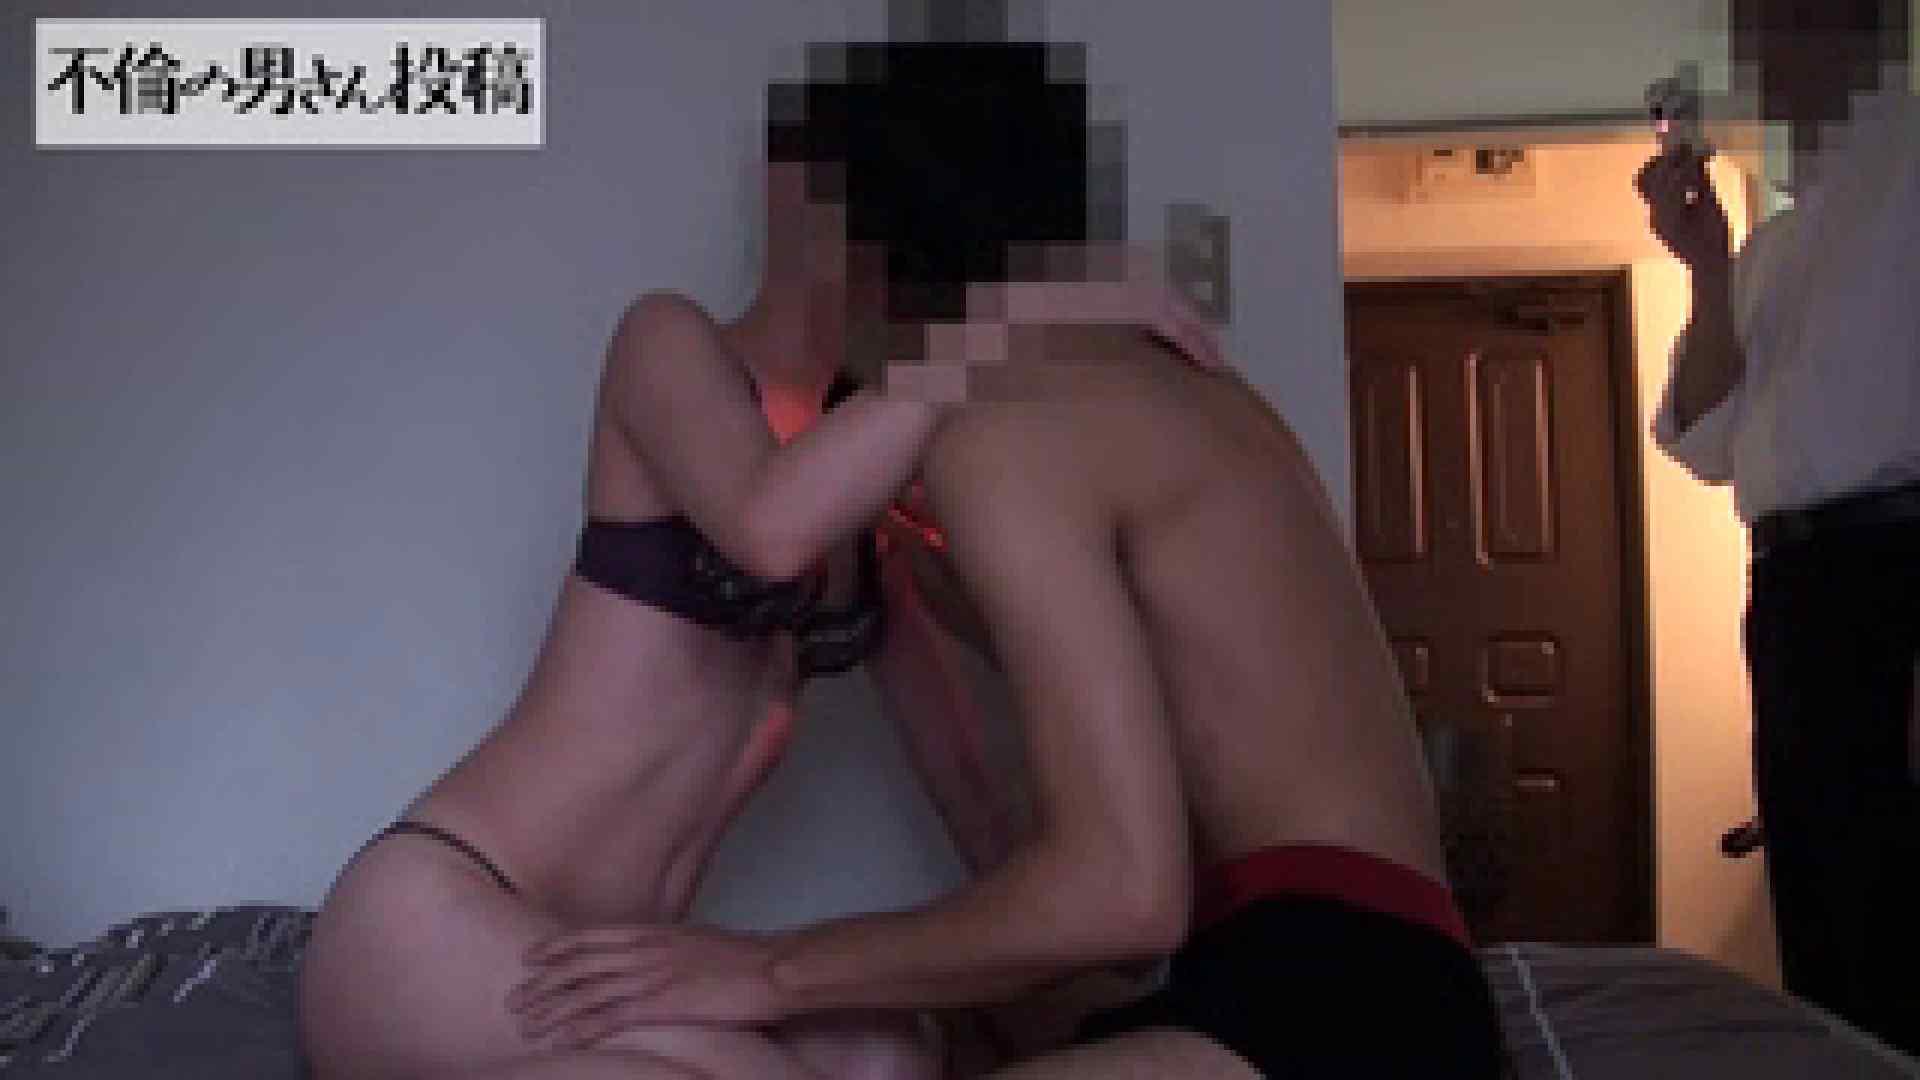 会計事務所勤務 高橋みゆき30歳 W不倫の不倫部屋の記録3 投稿 | 一般投稿  77画像 12